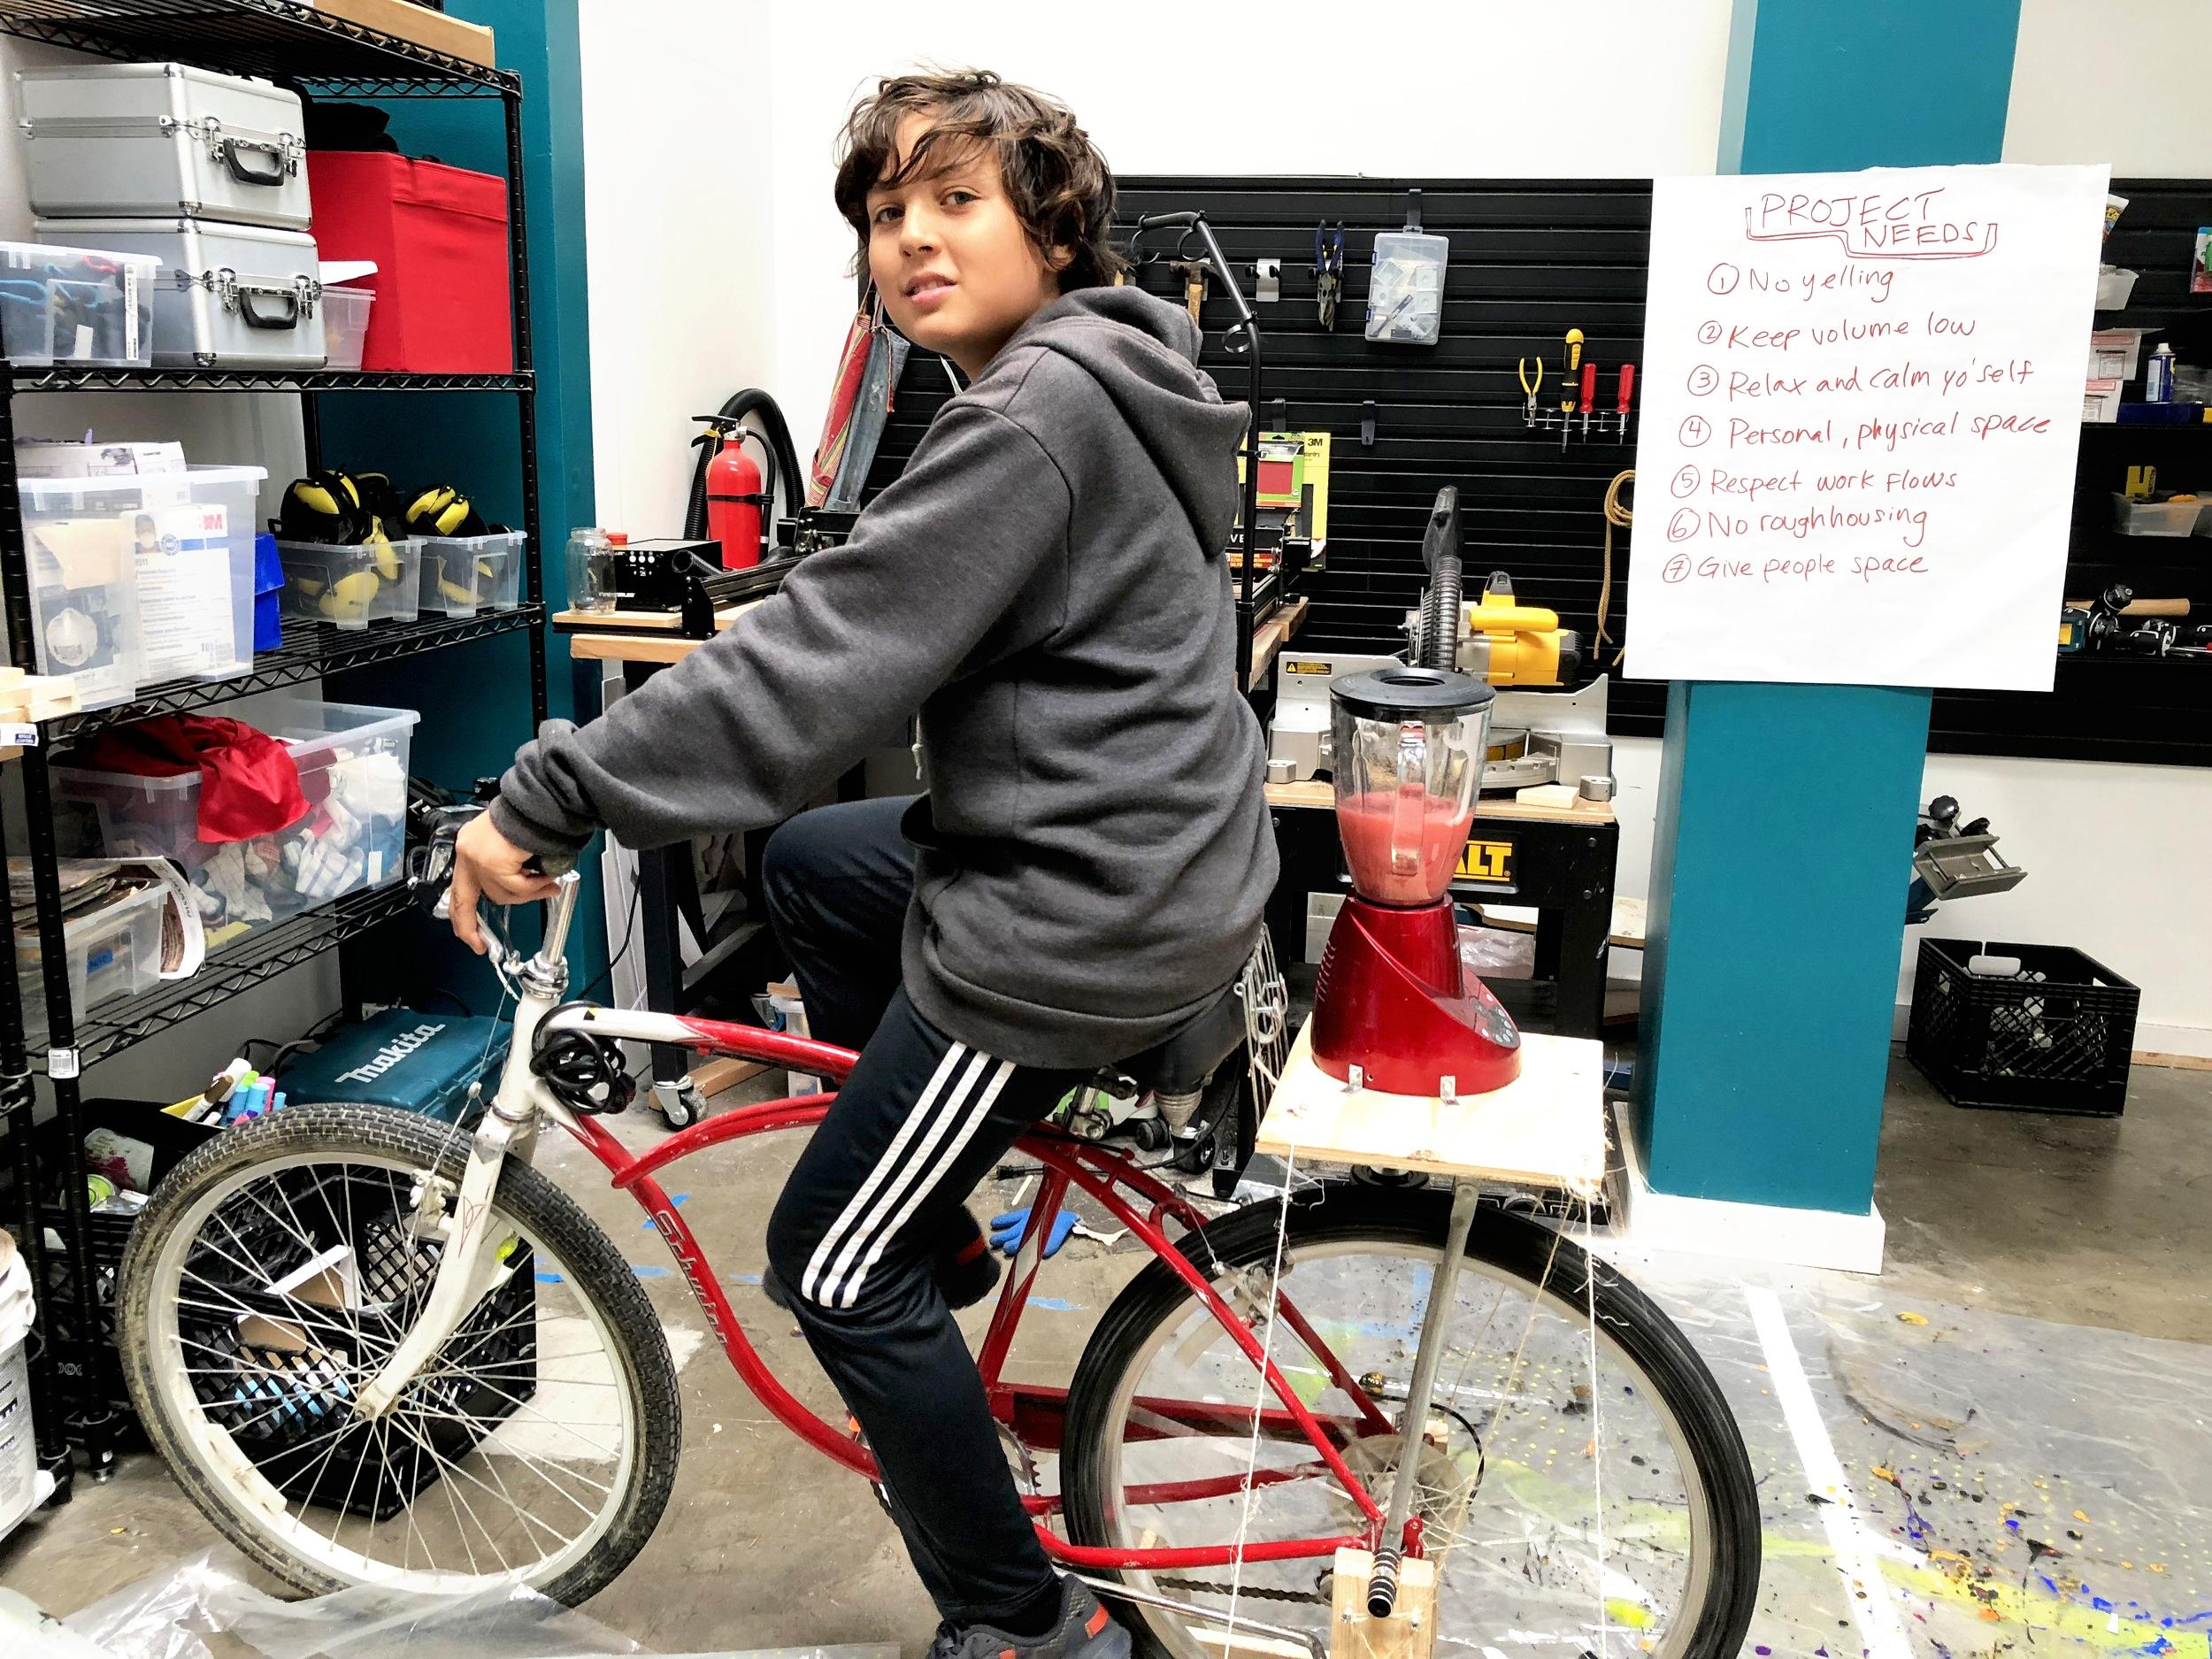 Bicycle-Powered Blender